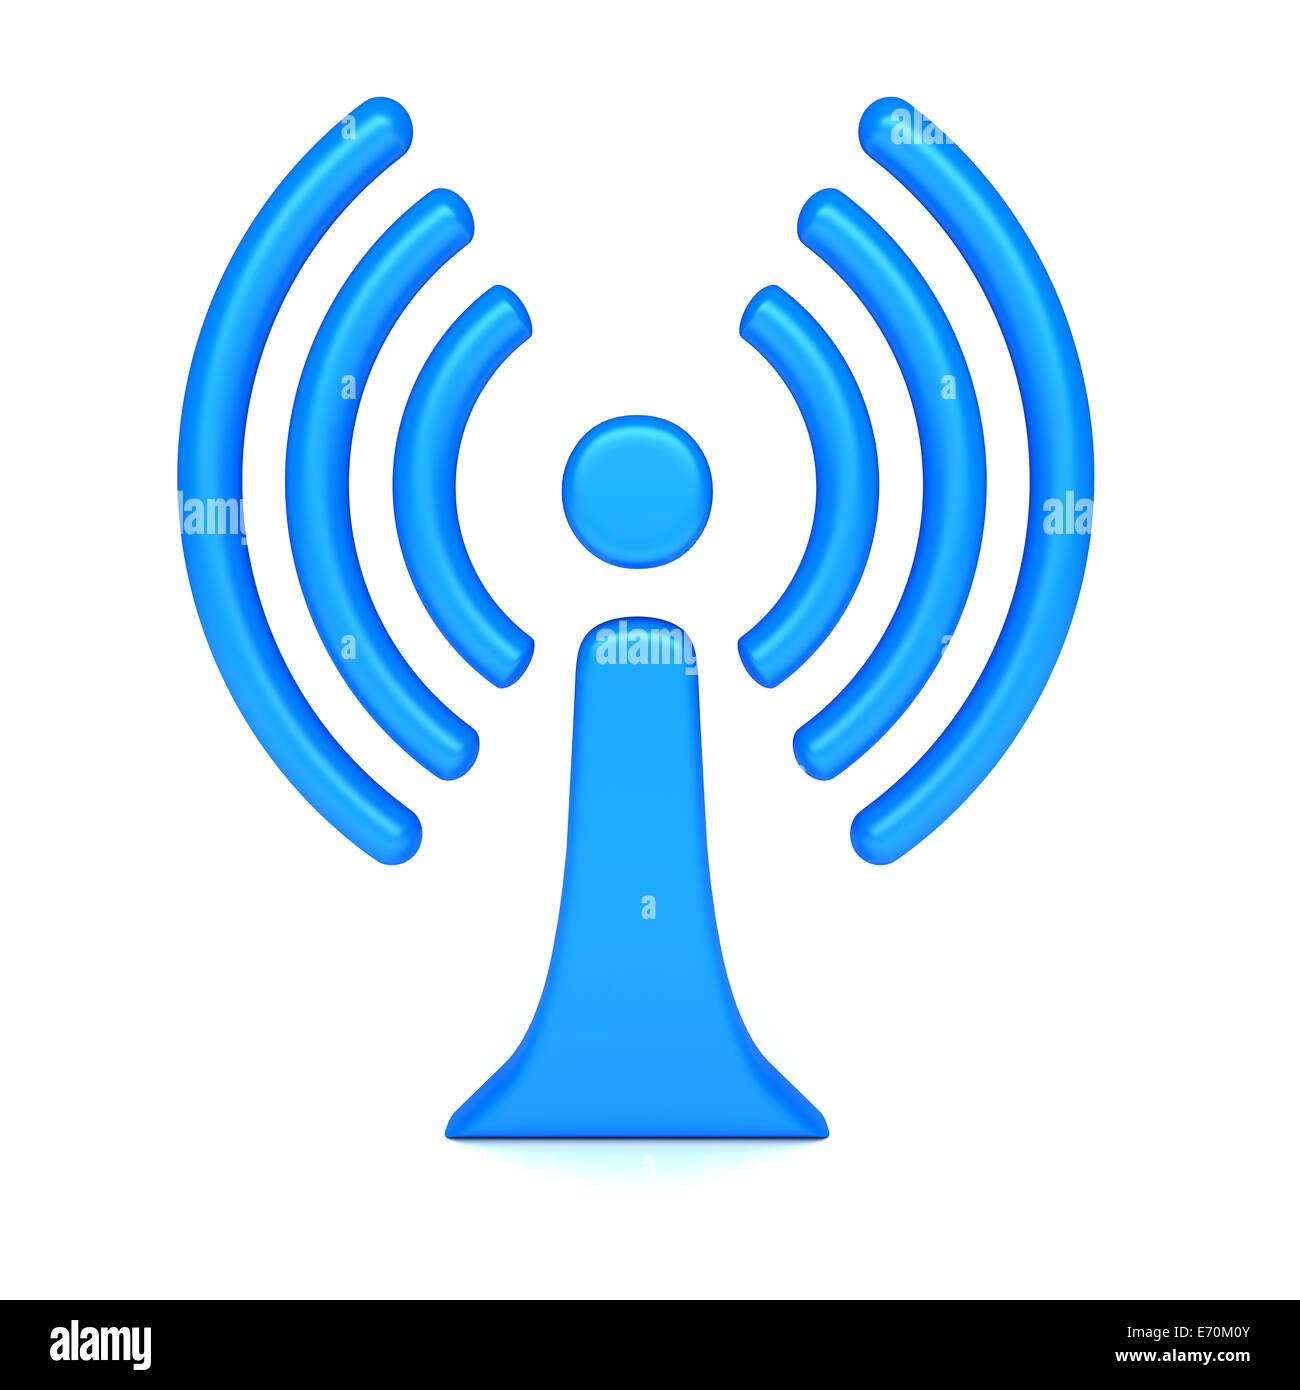 Wifi Symbol Stock Photo 73159771 Alamy